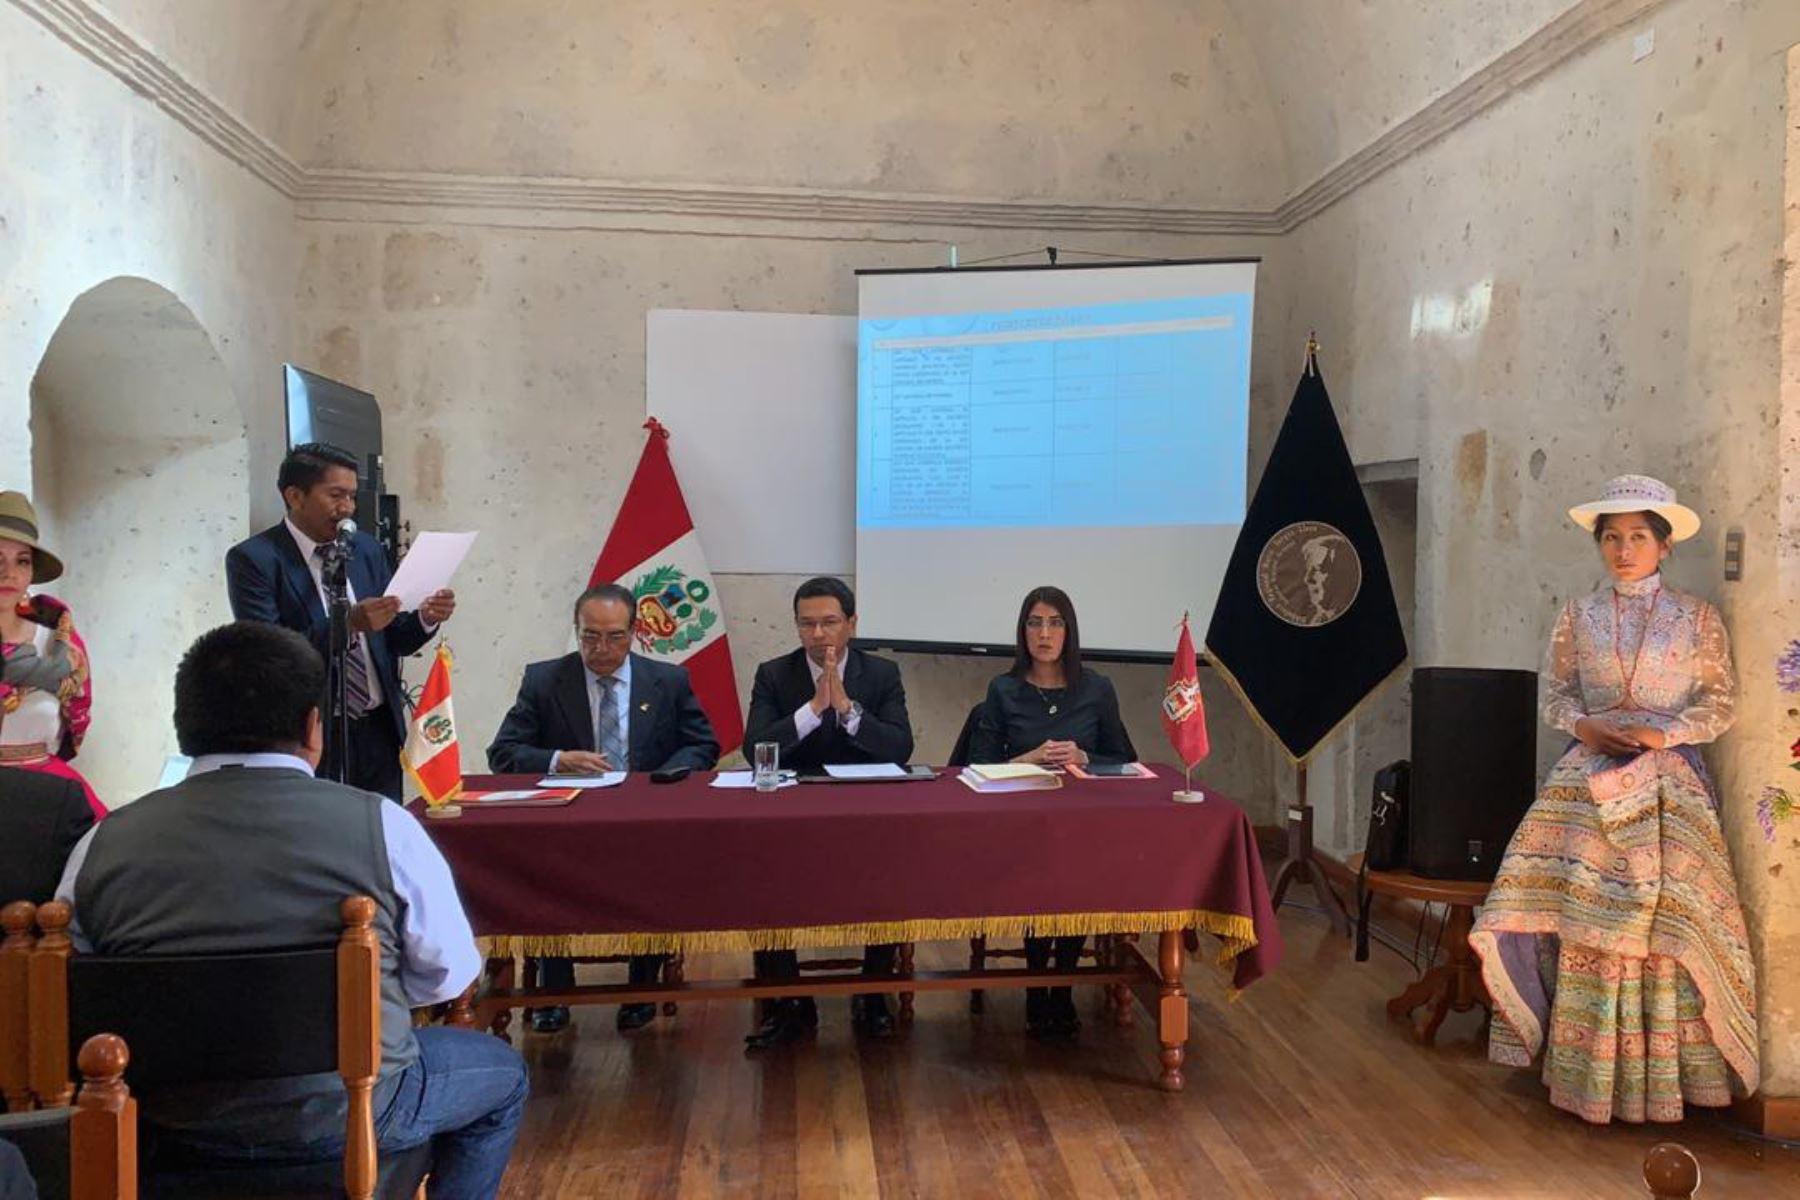 Gobernadores de la Mancomunidad Sur se reúnen esta tarde en Arequipa para evaluar propuesta que plantea nueva Ley General de Minería. ANDINA/Difusión